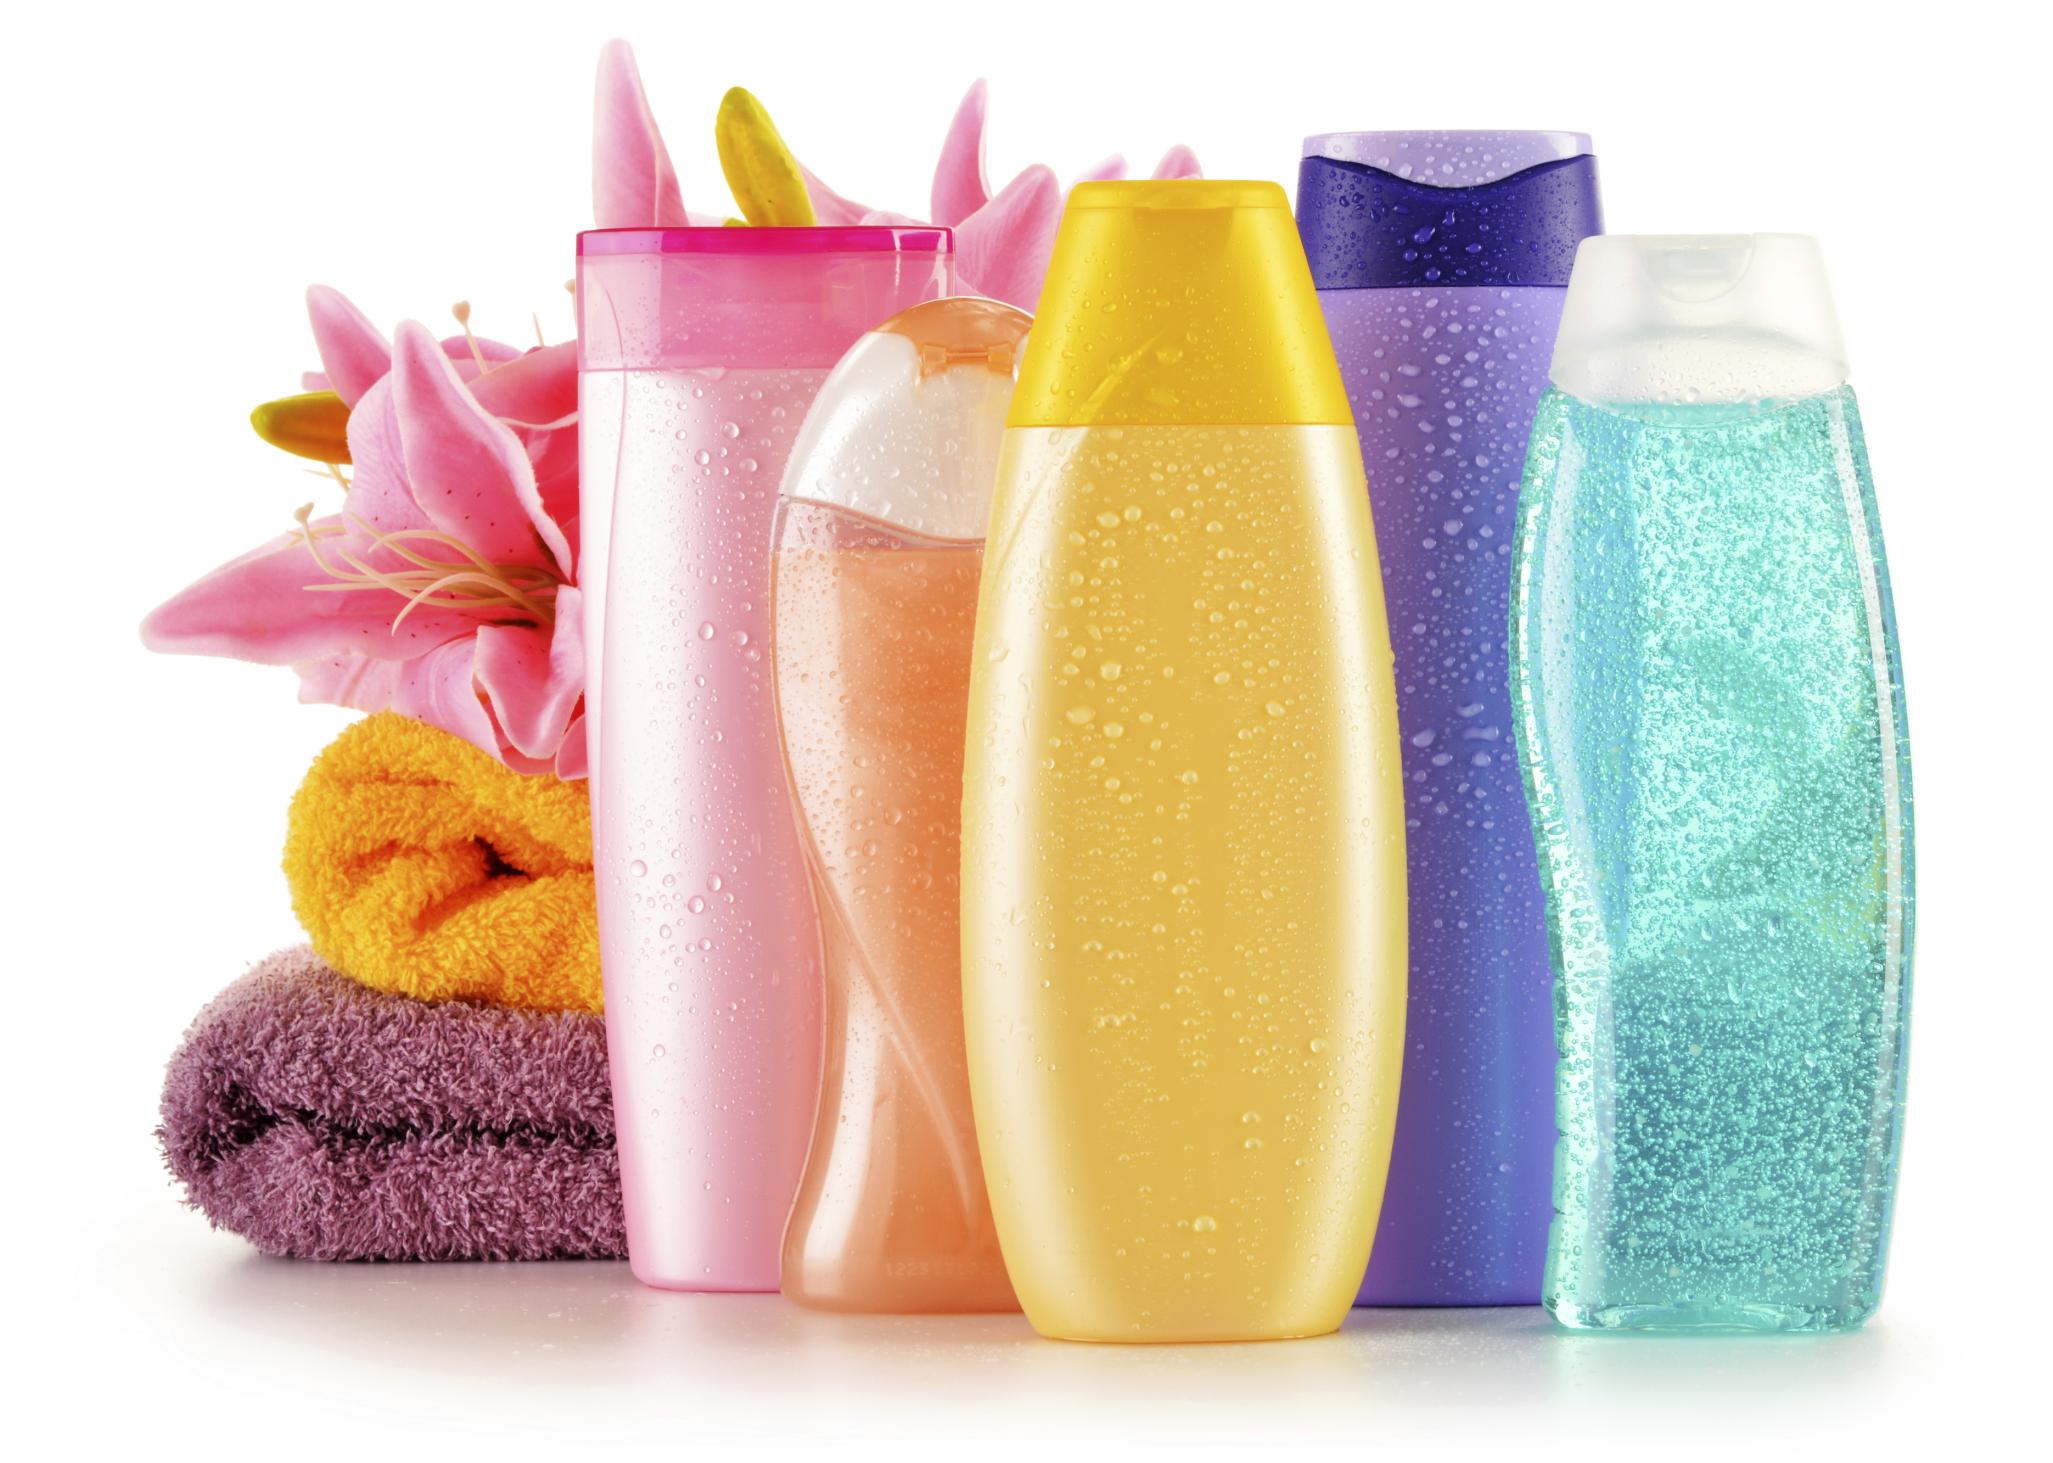 Шампунь из мыла своими руками